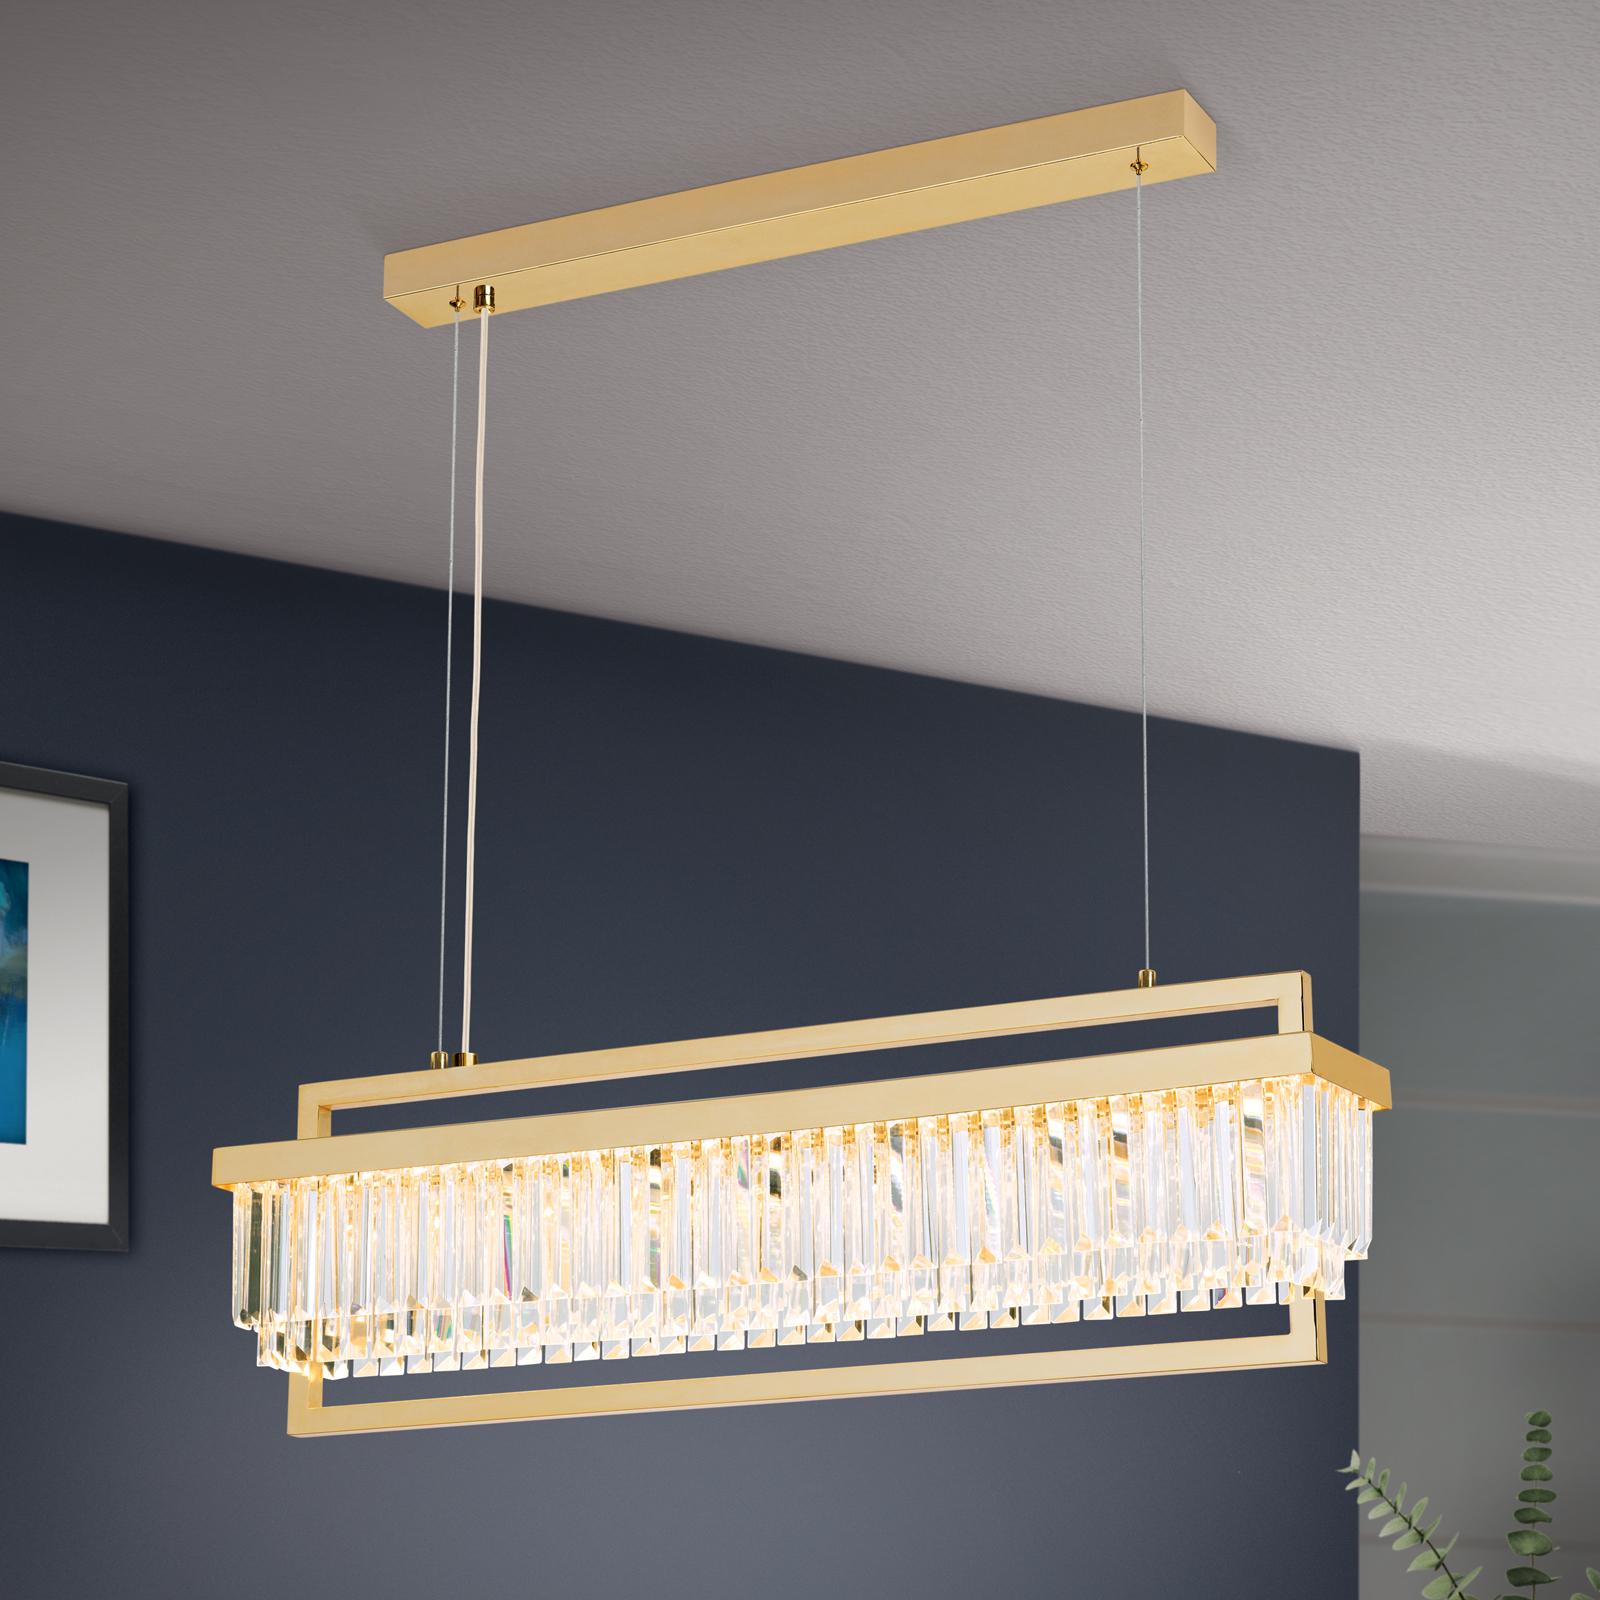 Lampa wisząca LED Prism, podłużna, złota